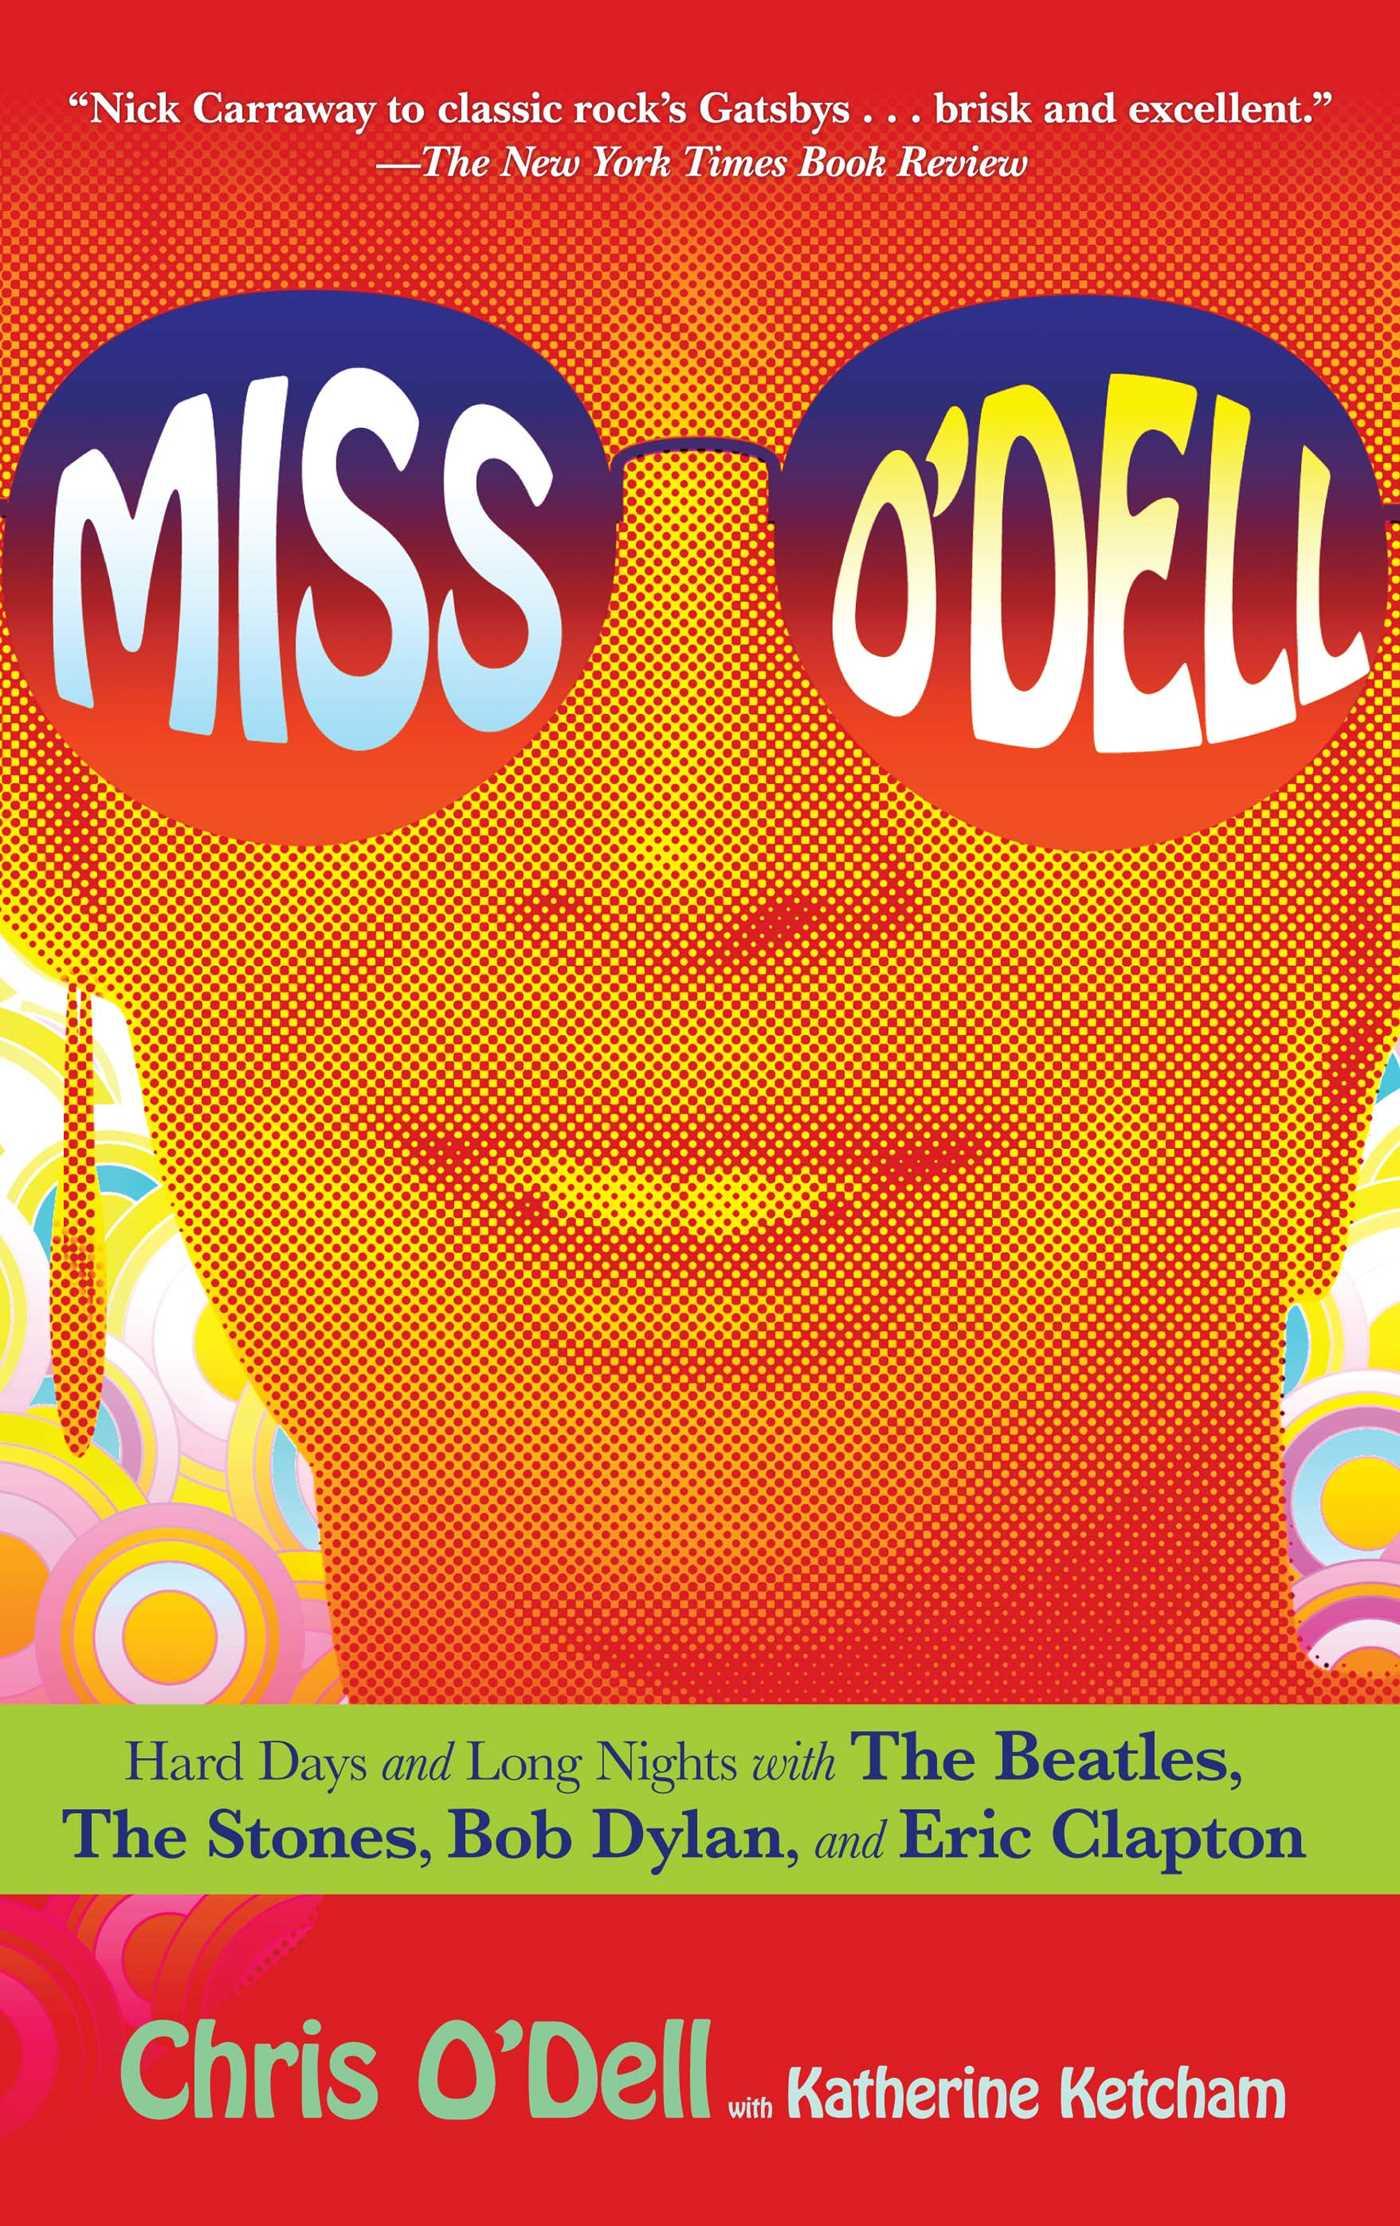 Miss odell 9781416590941 hr